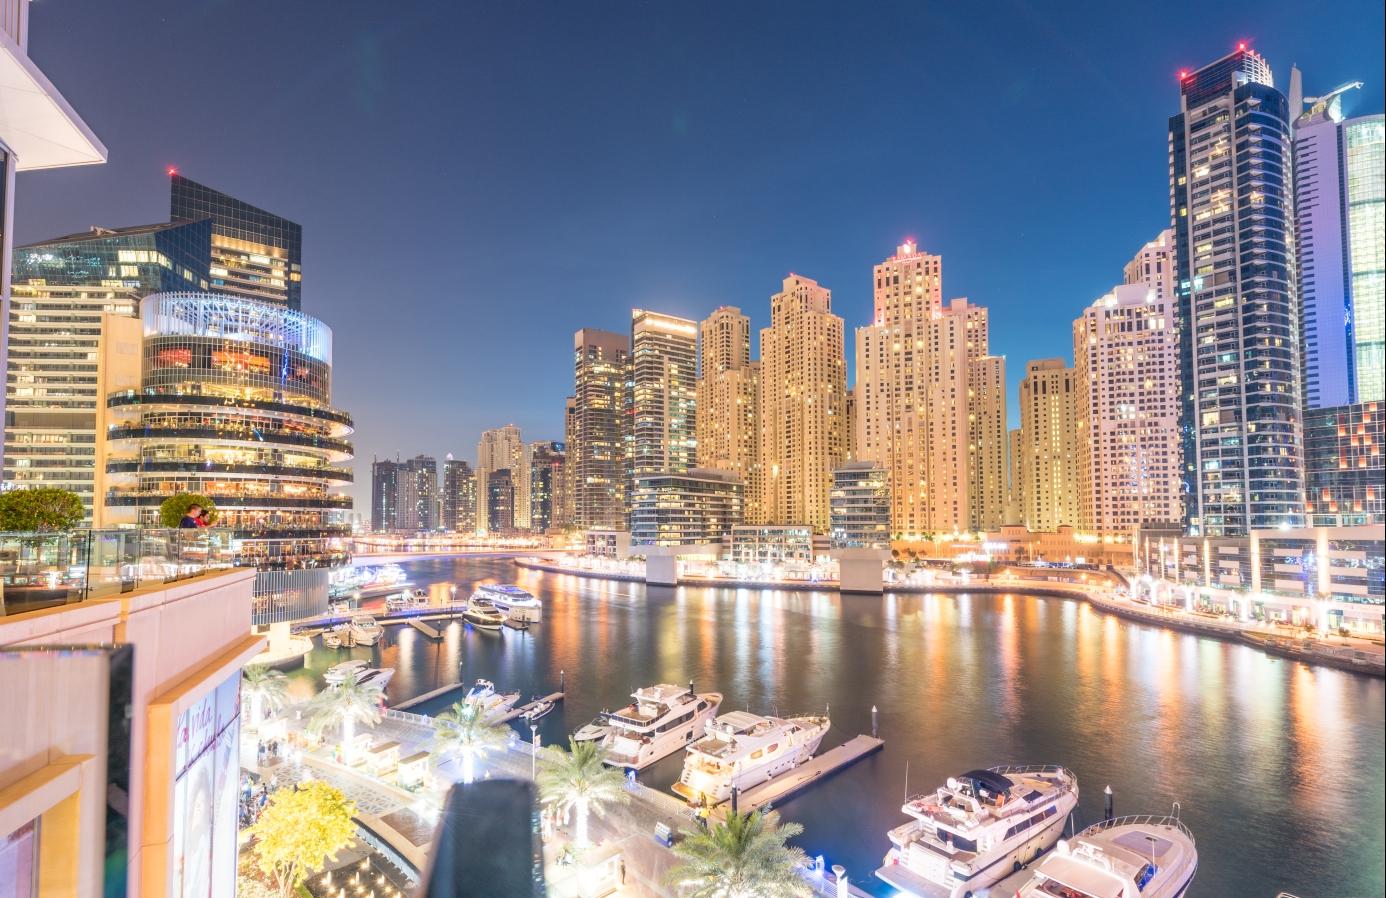 Noční Dubaj - nejrychleji se rozvíjející město světa